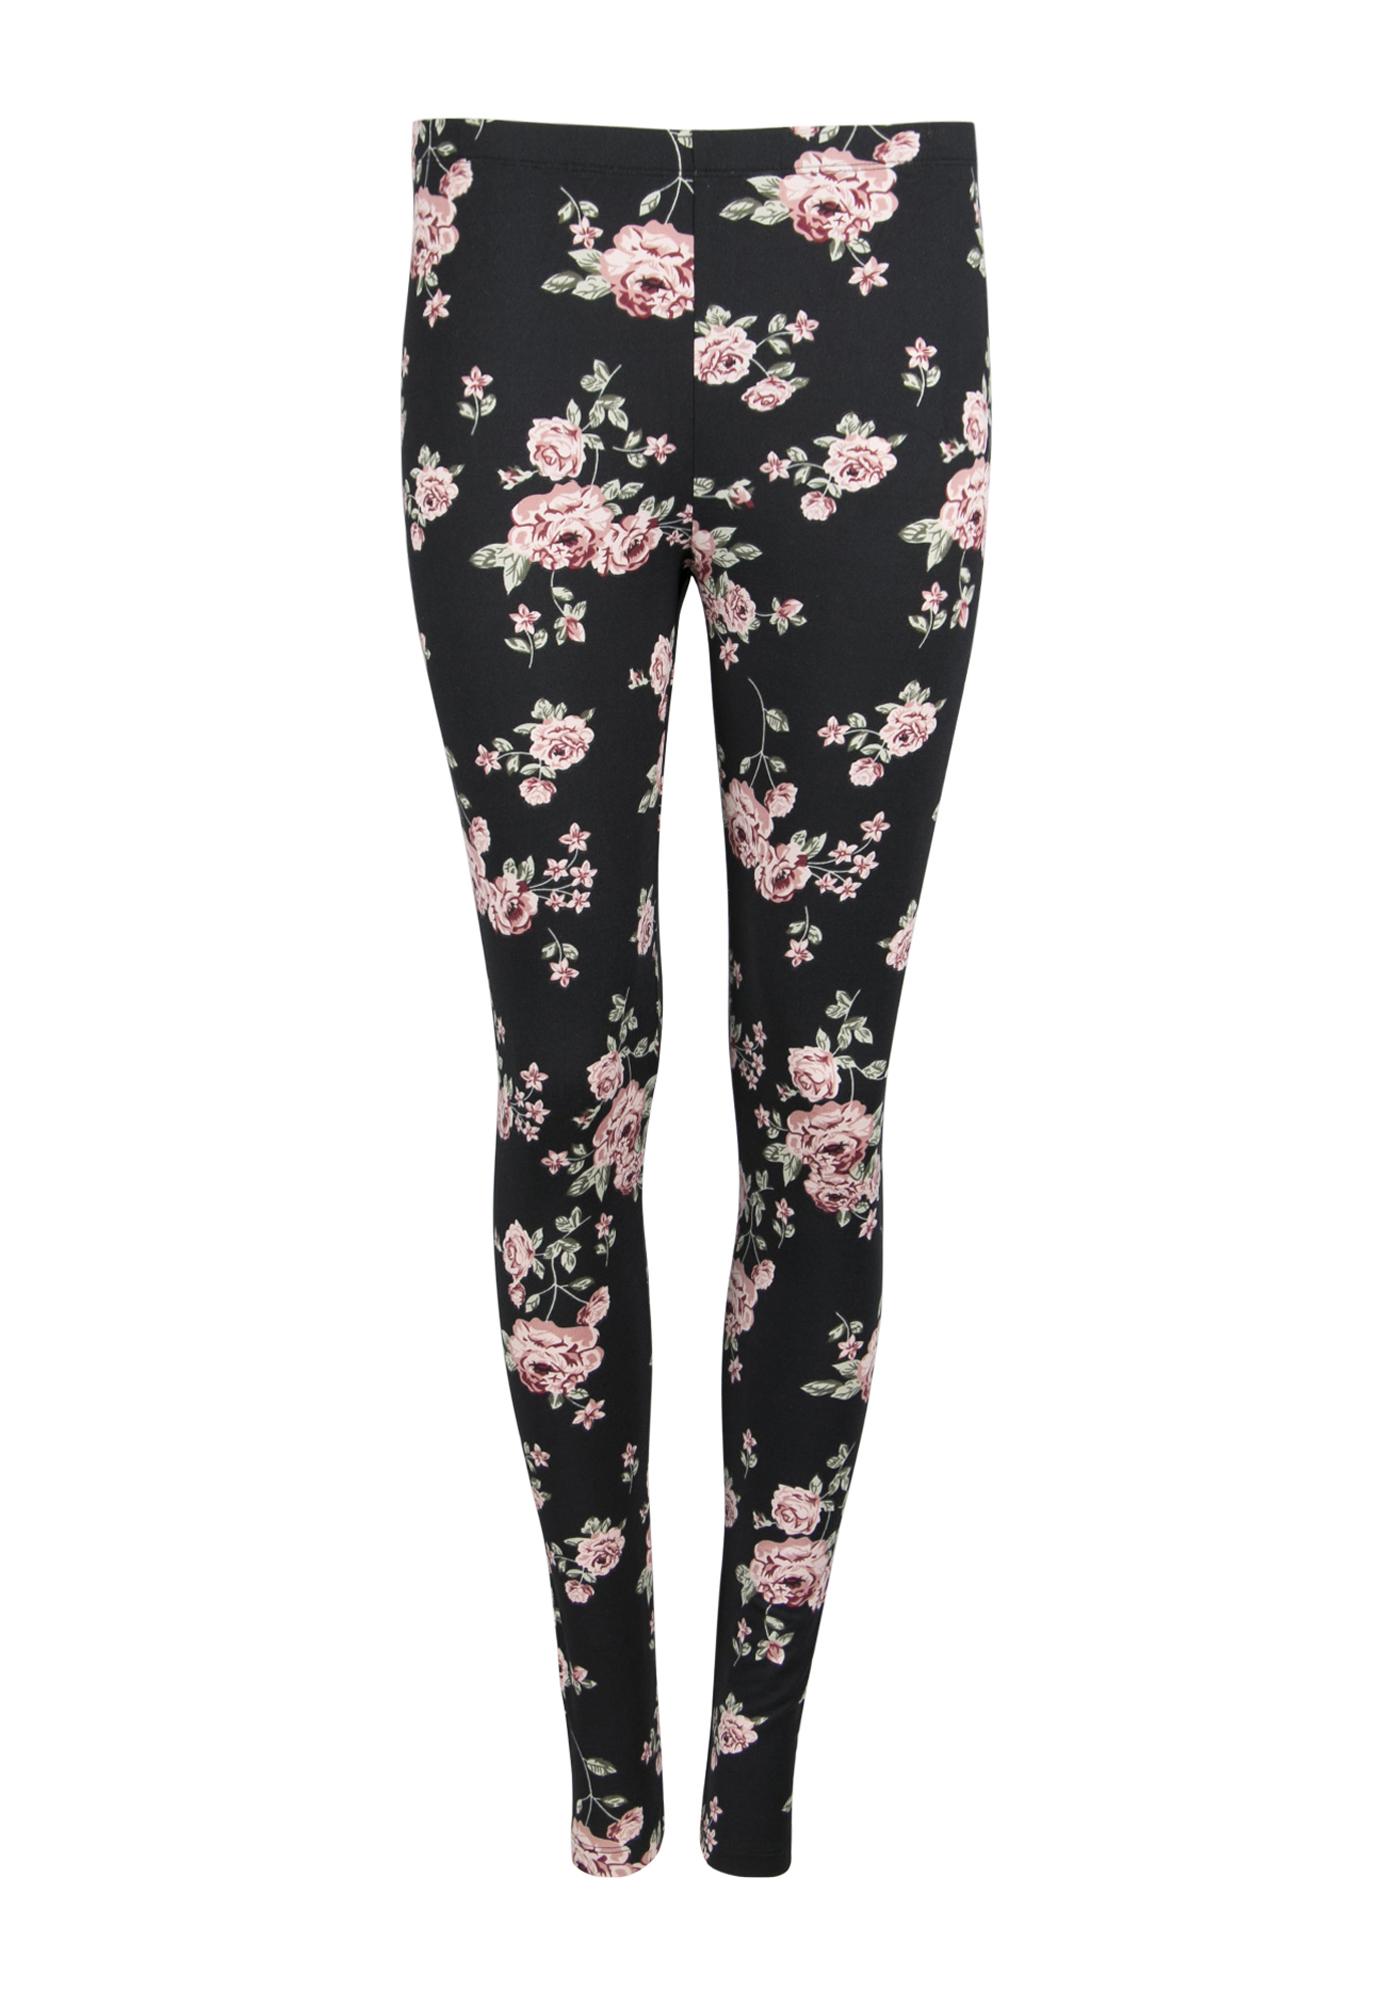 287ec9875de0 Ladies  Floral Print Legging